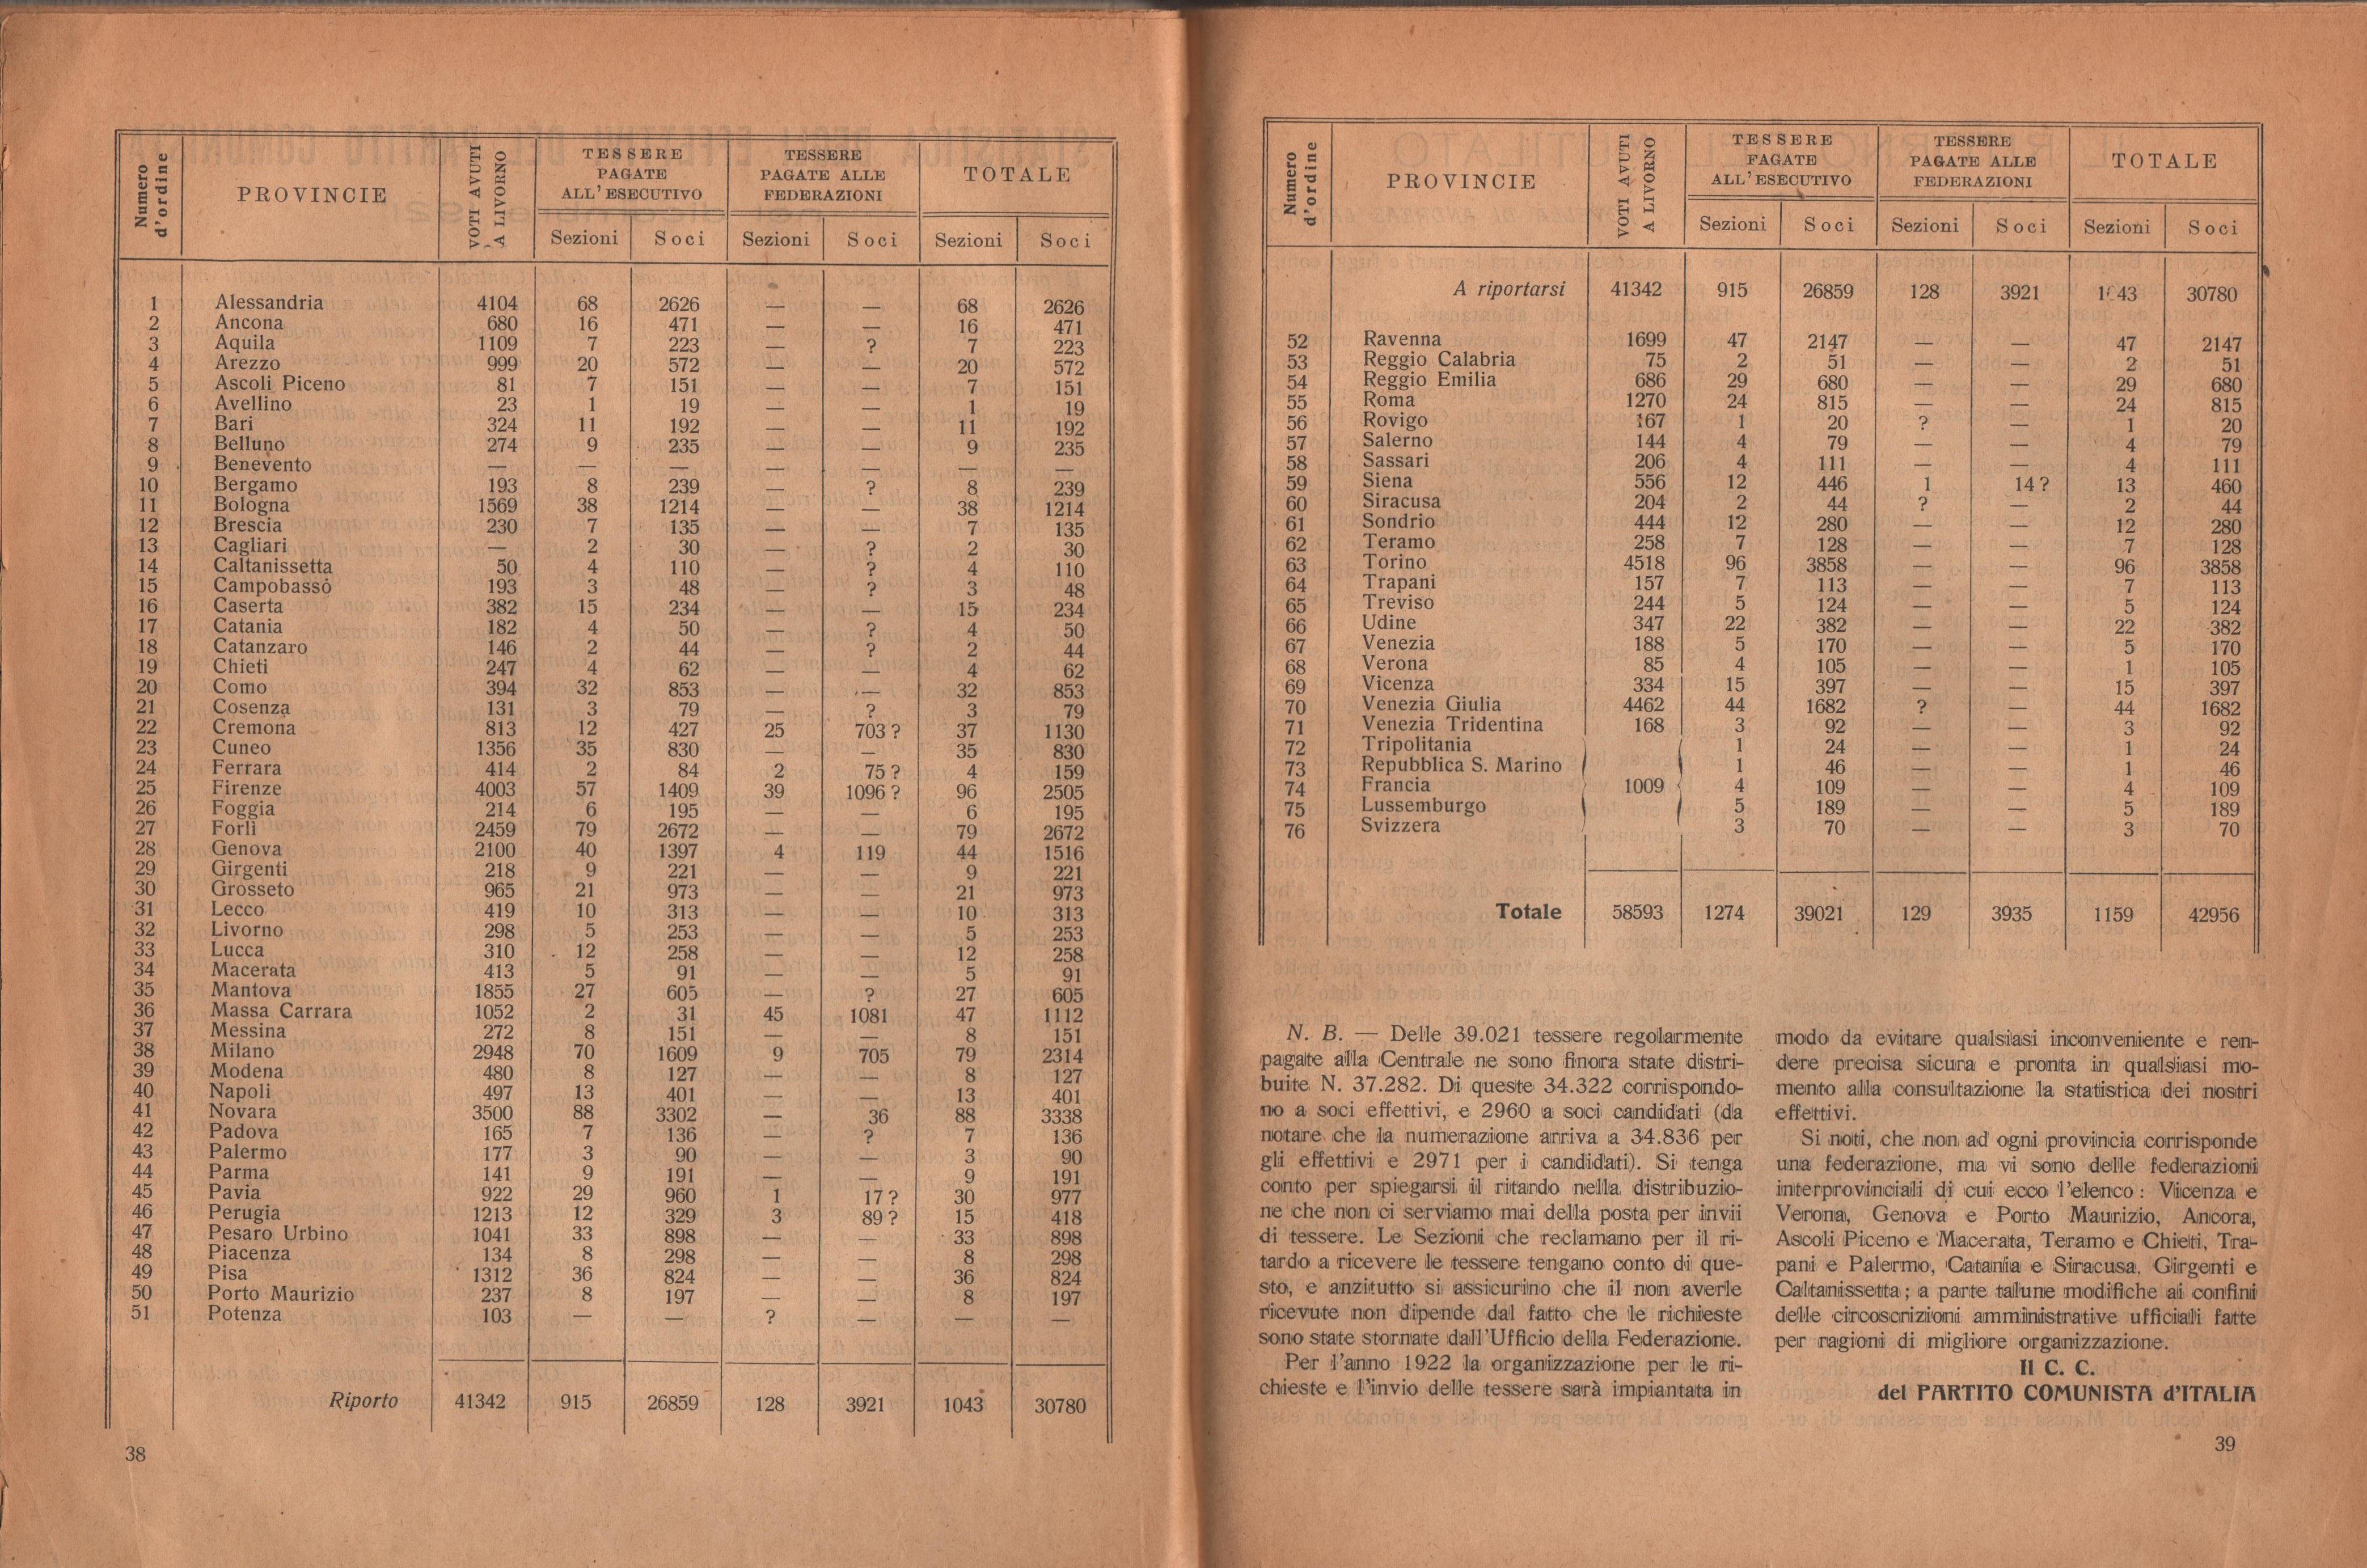 Almanacco comunista 1922 - pag. 23